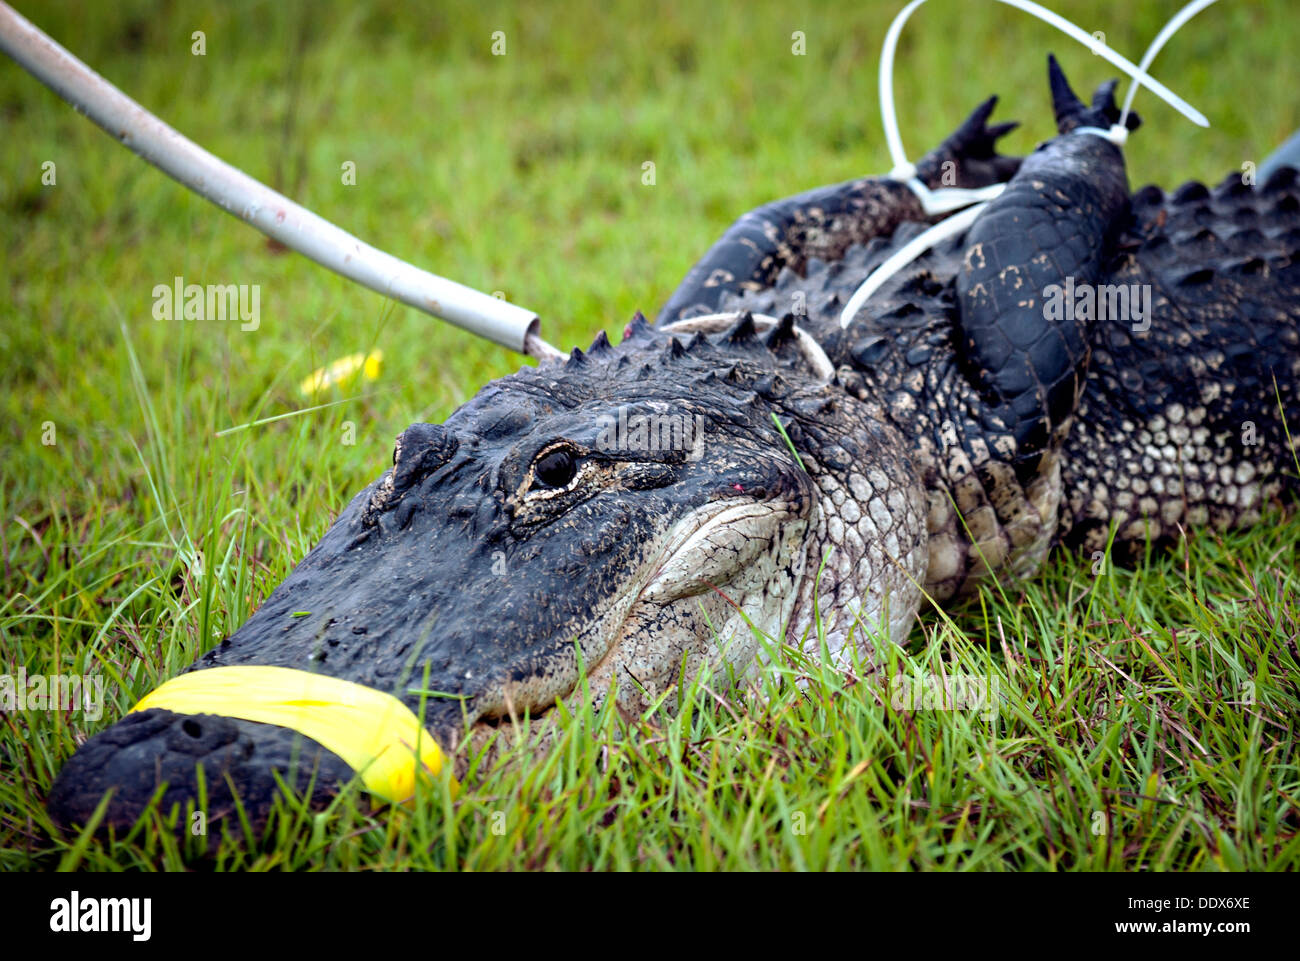 Ein Alligator gebunden und bereit für den Transport nach gefangen von einem Biologen USDA 25. Juli 2013 auf Moody Air Force Base, Georgia, 25. Juli 2013 gebunden. Der Alligator musste verlegt werden, nachdem es Angst vor Menschen durch Verfütterung verloren. Stockbild